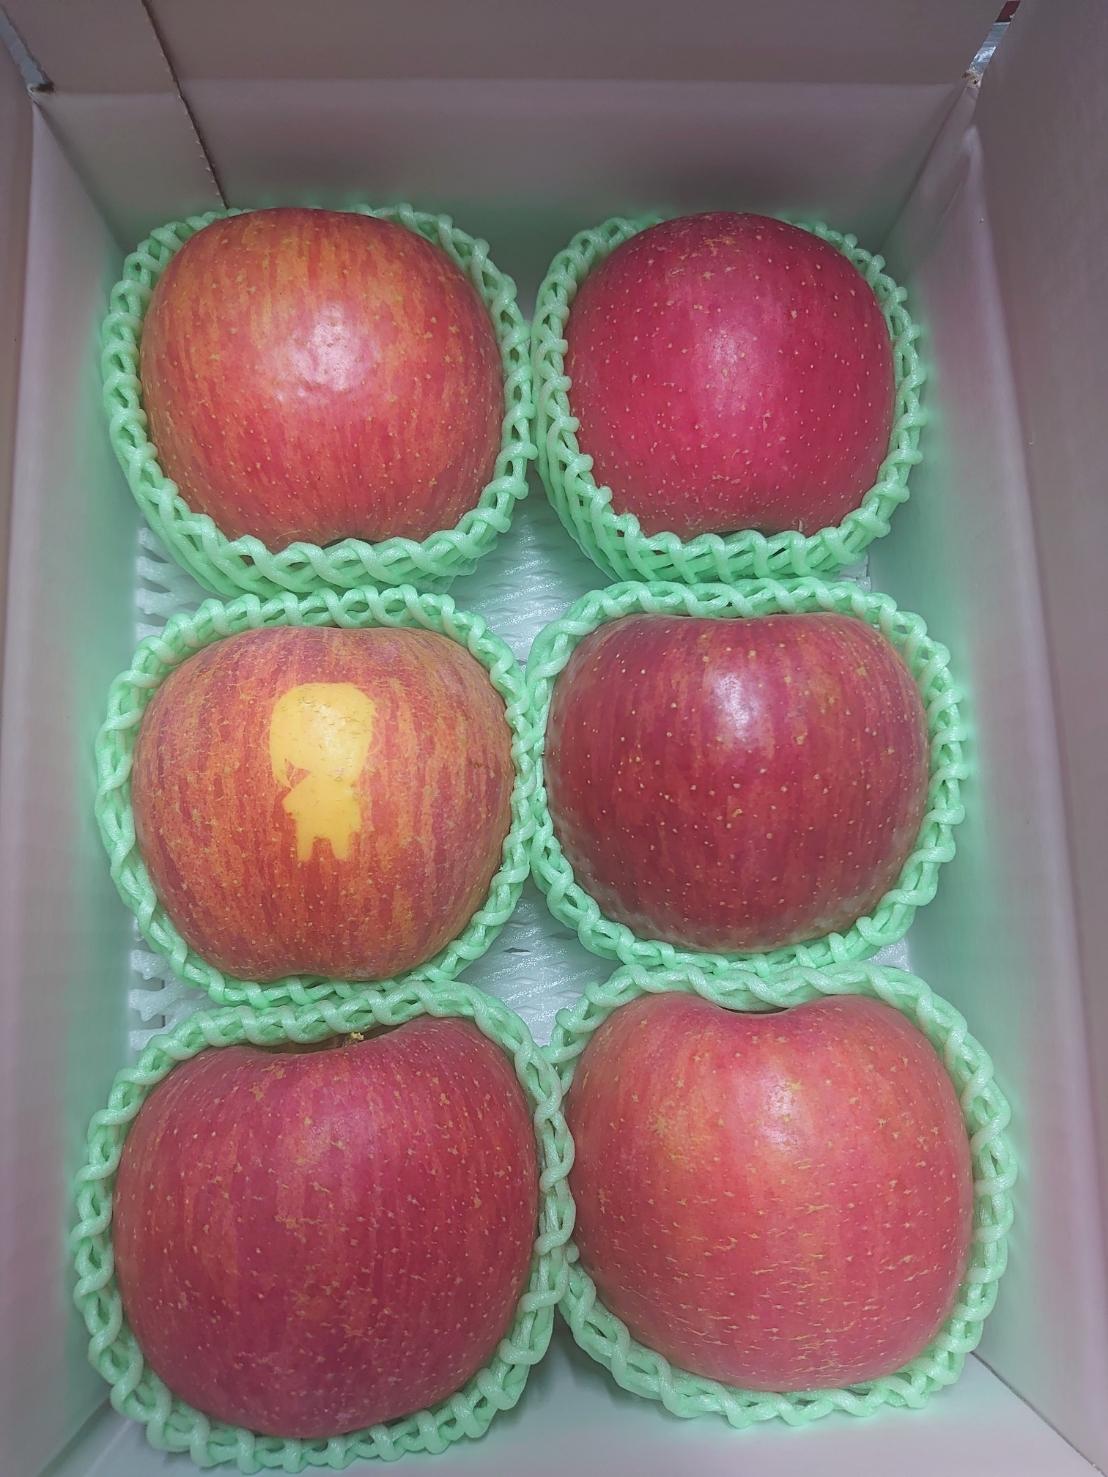 土産屋にて真尋ちゃんリンゴを発売